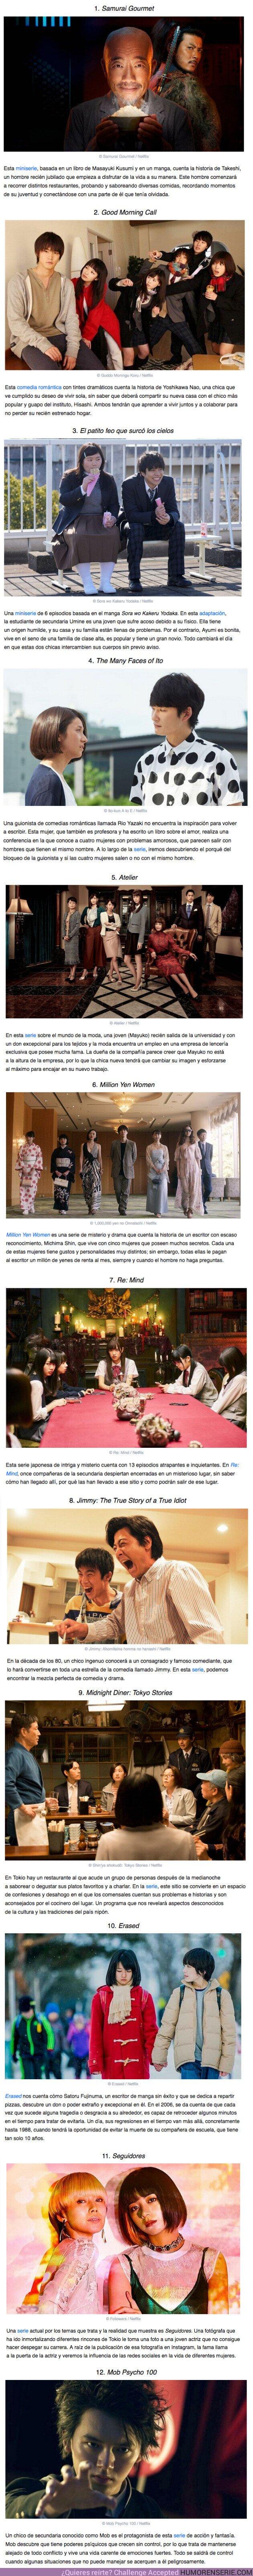 58150 - GALERÍA: 12 Series japonesas que nos hicieron perder la noción del tiempo y que se pueden encontrar en Netflix